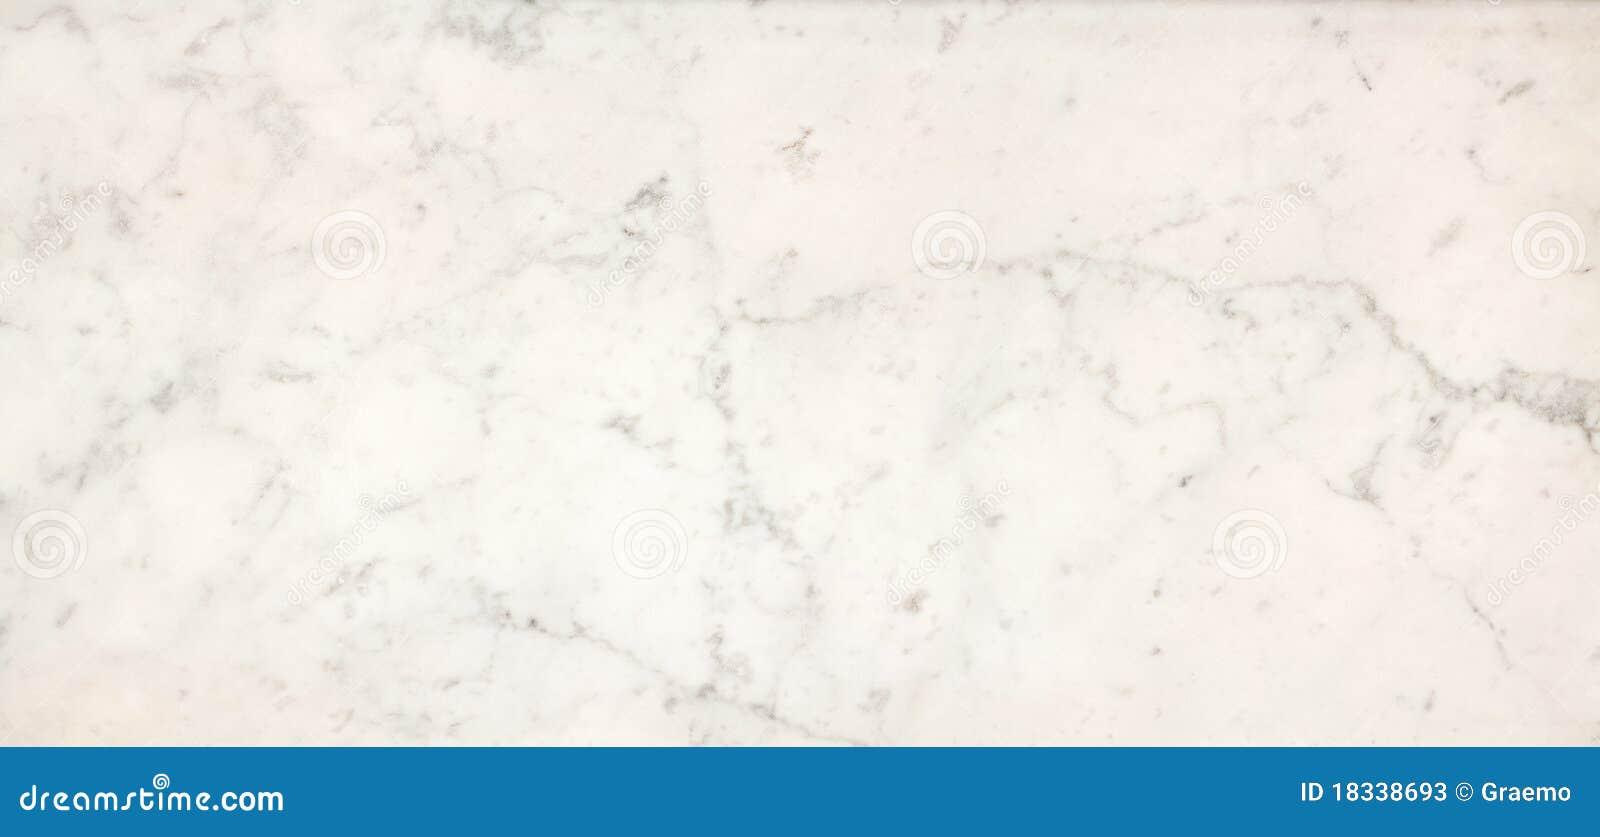 大理石纹理白色